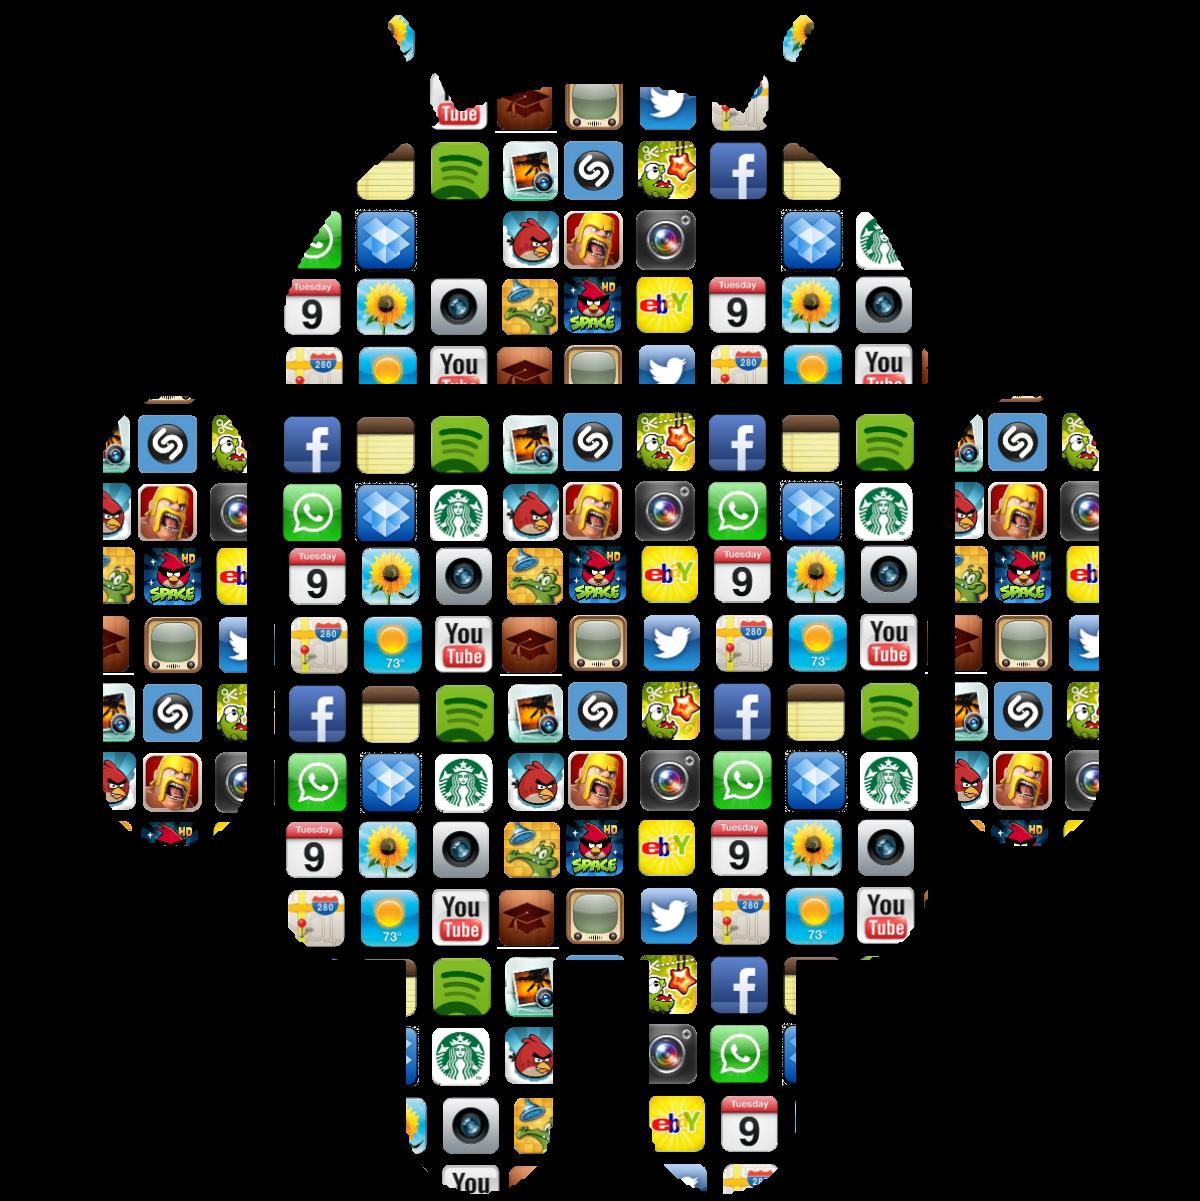 25 تطبيق لأندرويد يجب أن تحملهم قبل نهاية 2016